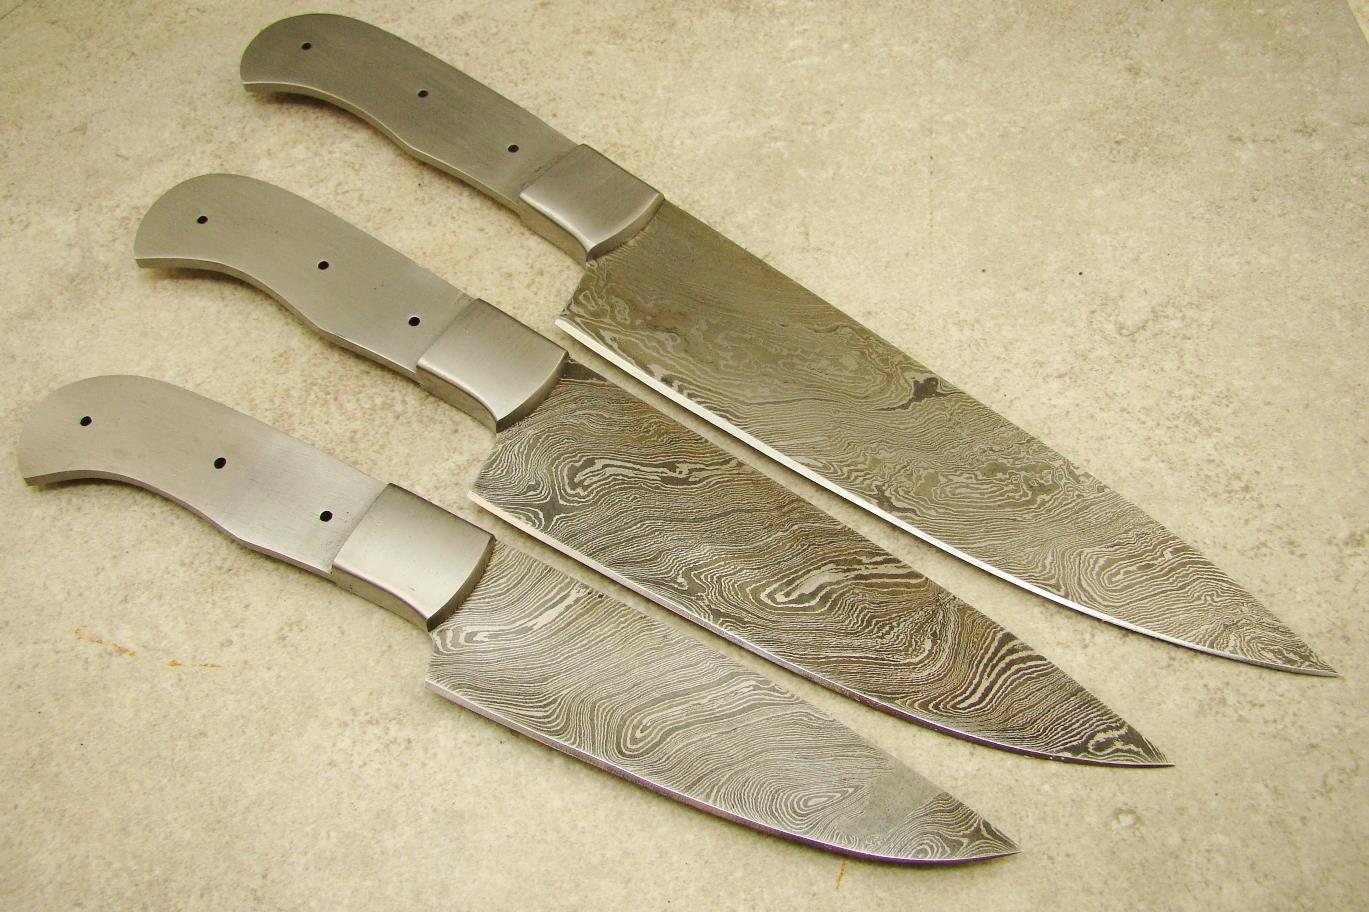 damascus knife blade blanks car interior design. Black Bedroom Furniture Sets. Home Design Ideas